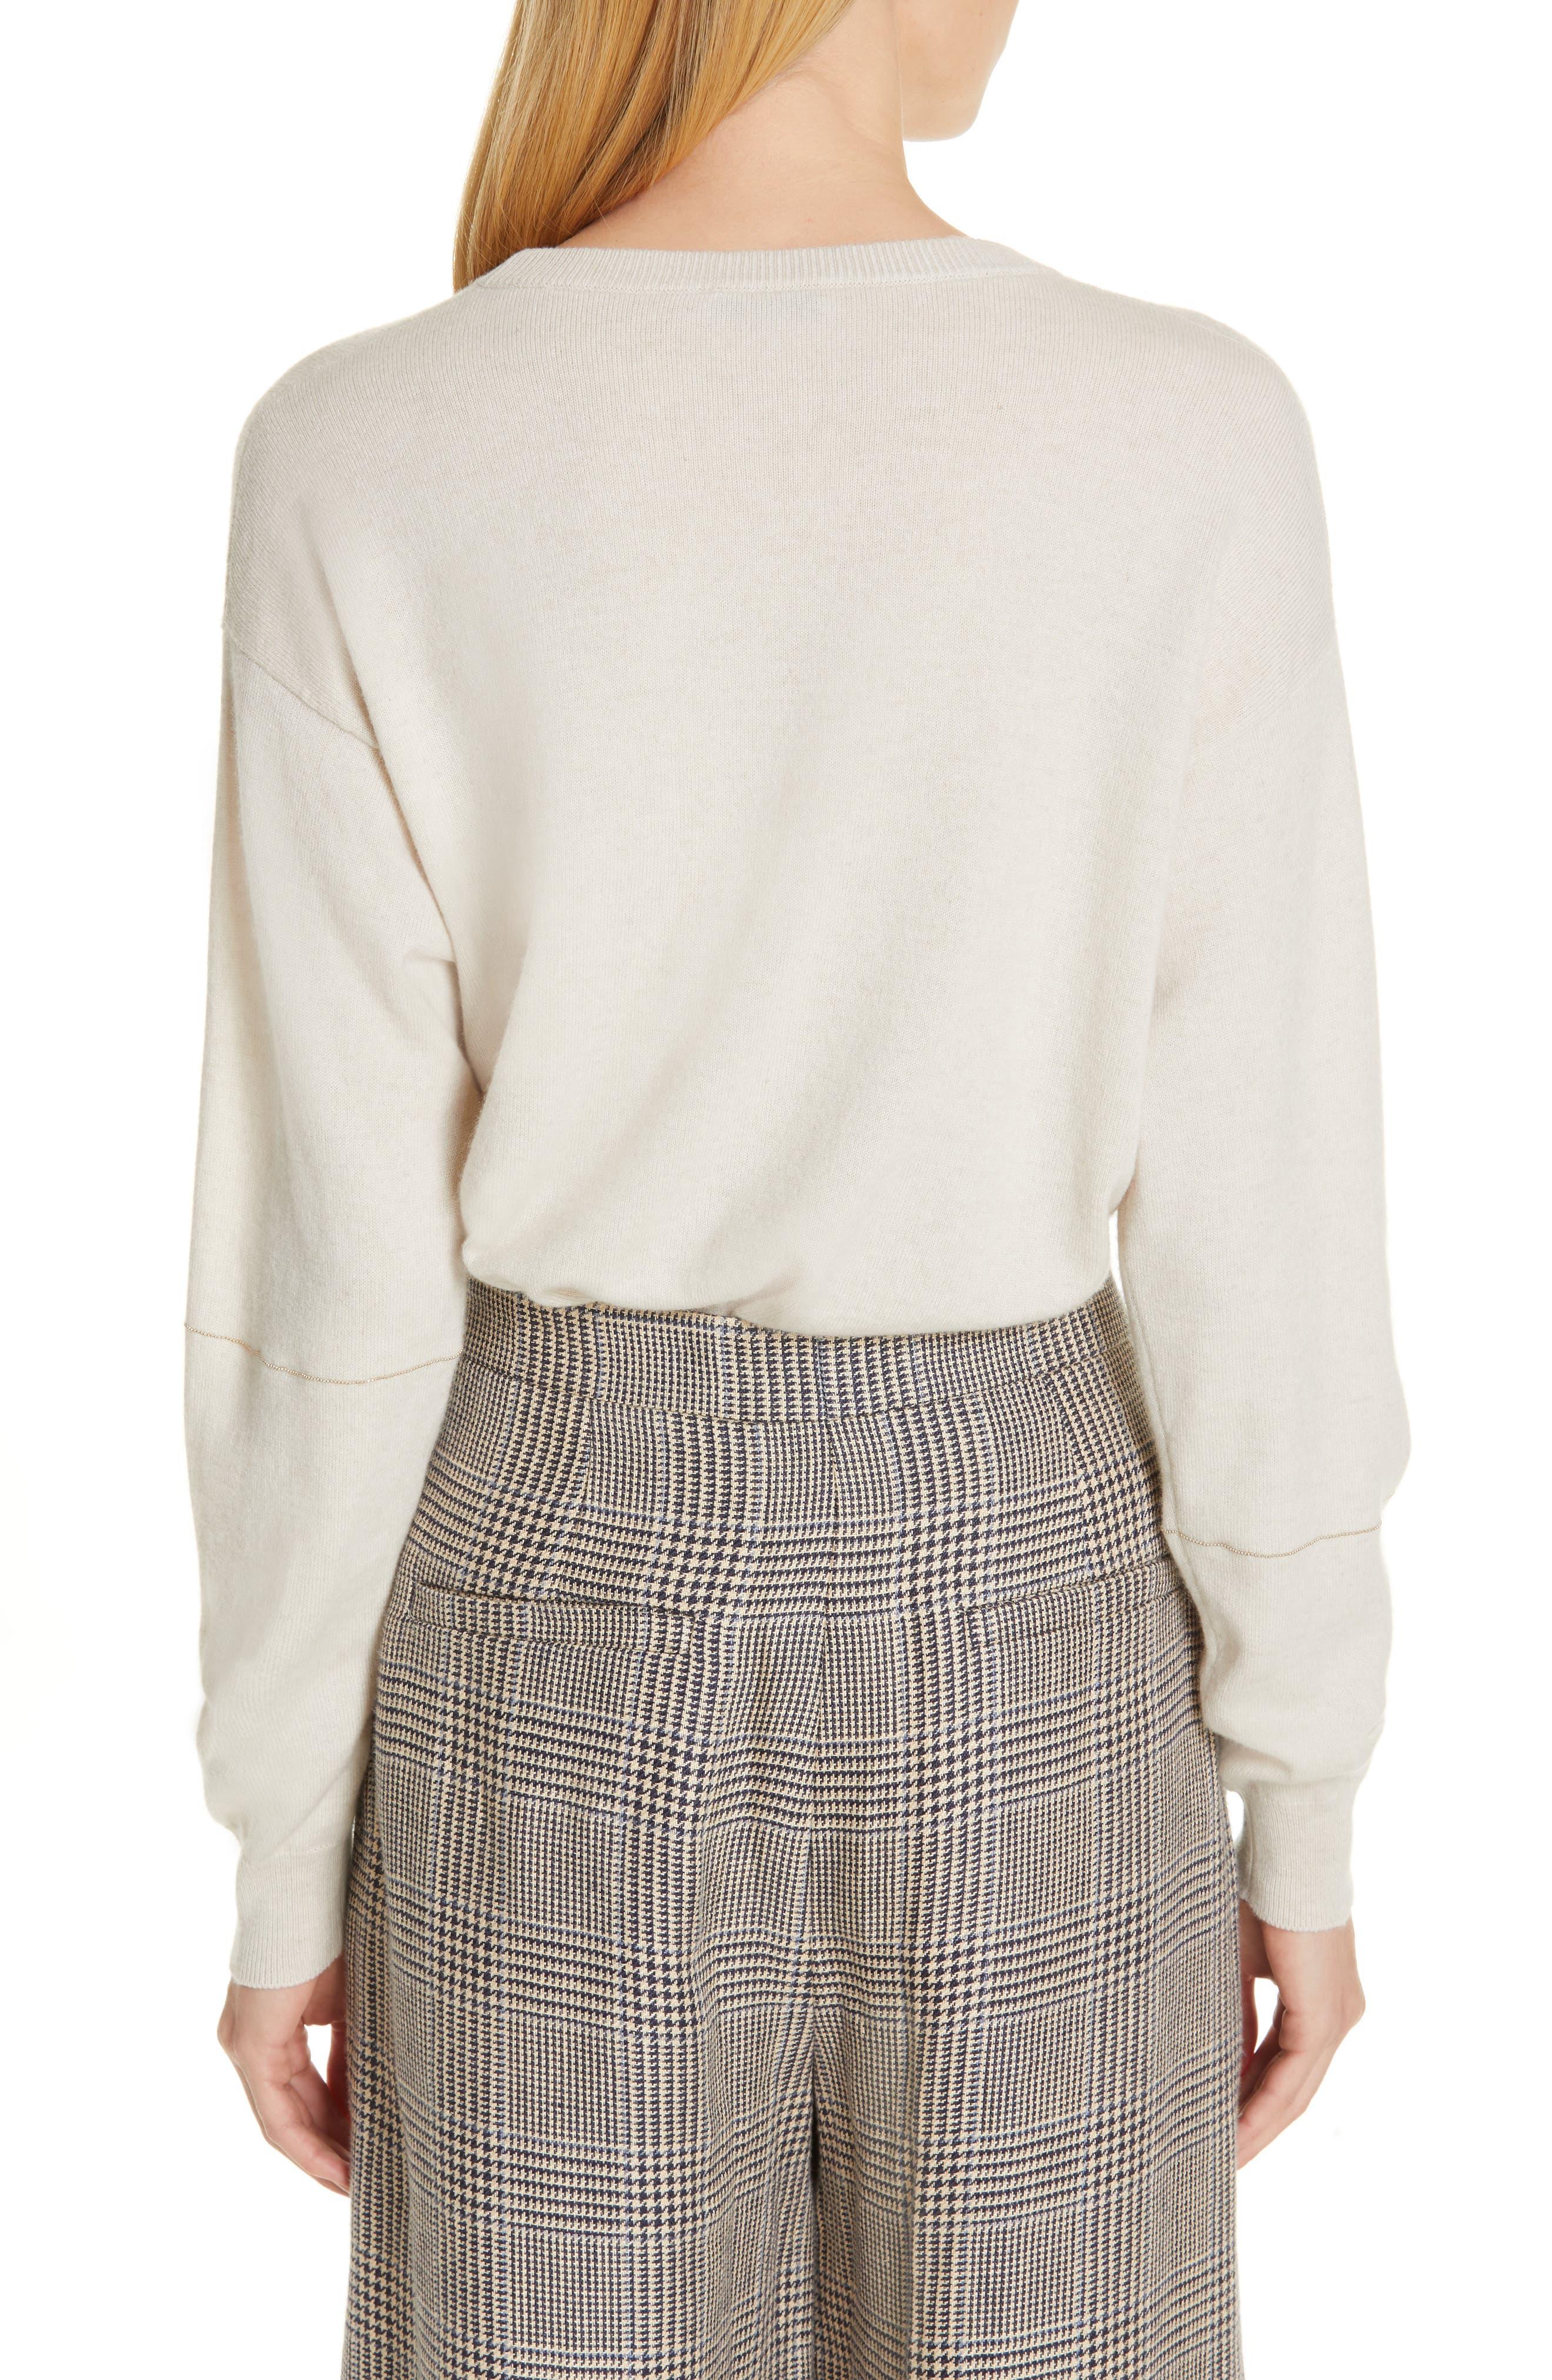 Monili Patchwork Cashmere Sweater,                             Alternate thumbnail 2, color,                             BUTTERMILK